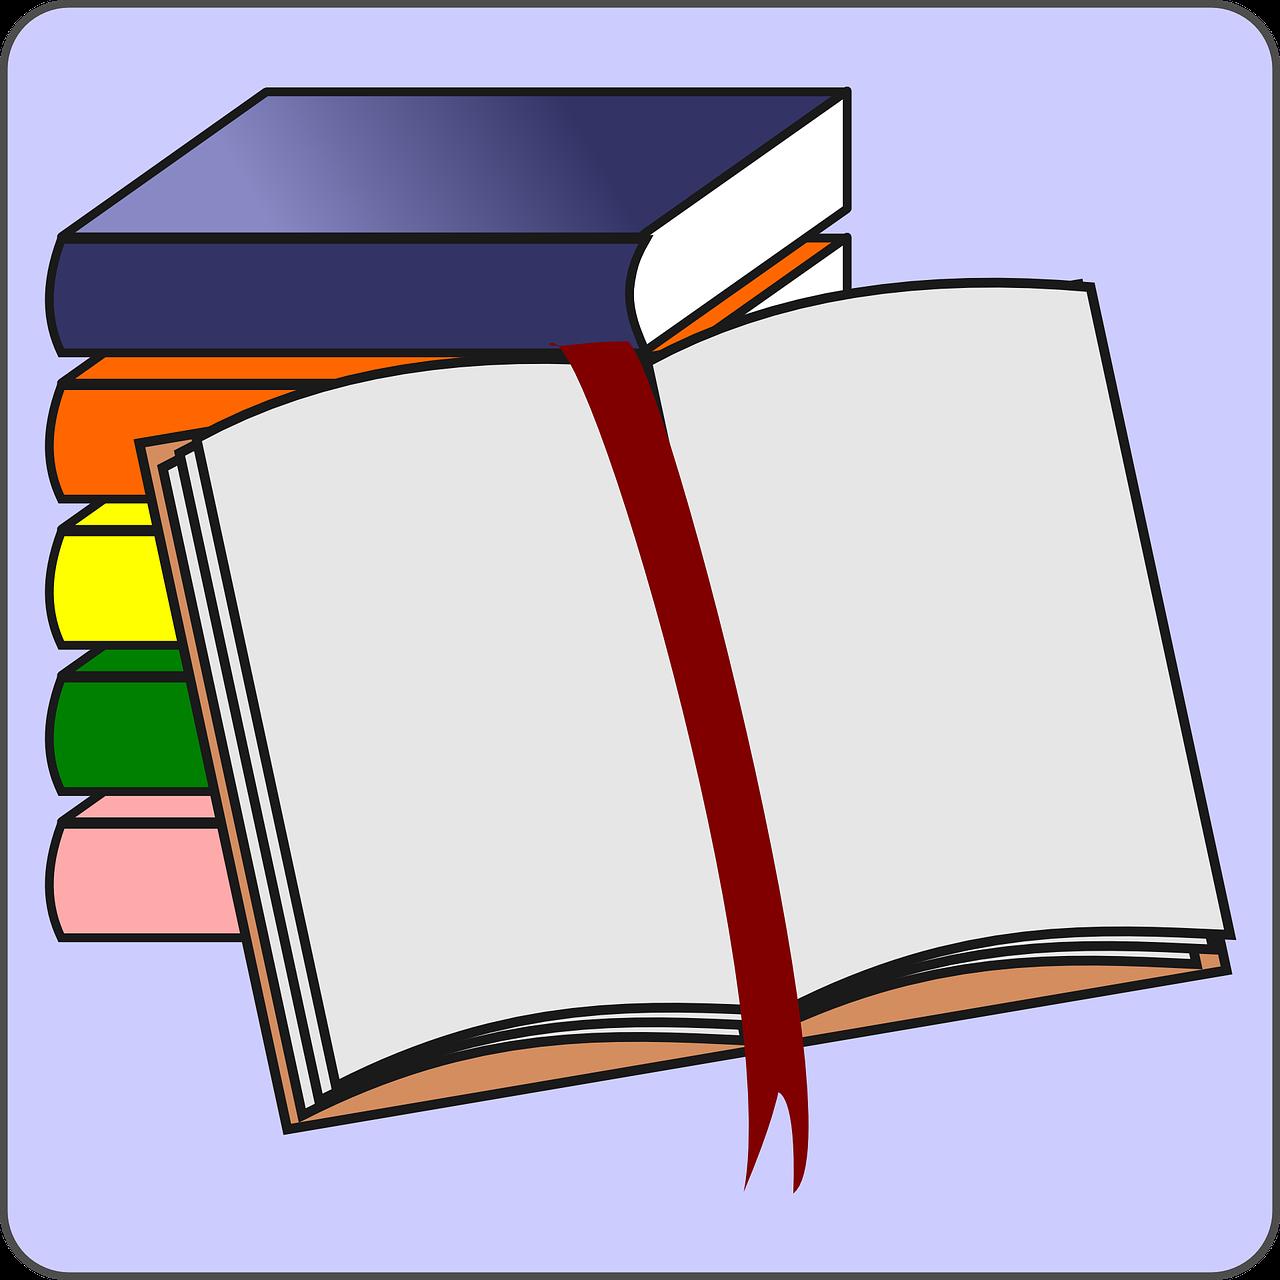 Bücher Offenes Buch Bookmarker - Kostenlose Vektorgrafik auf Pixabay